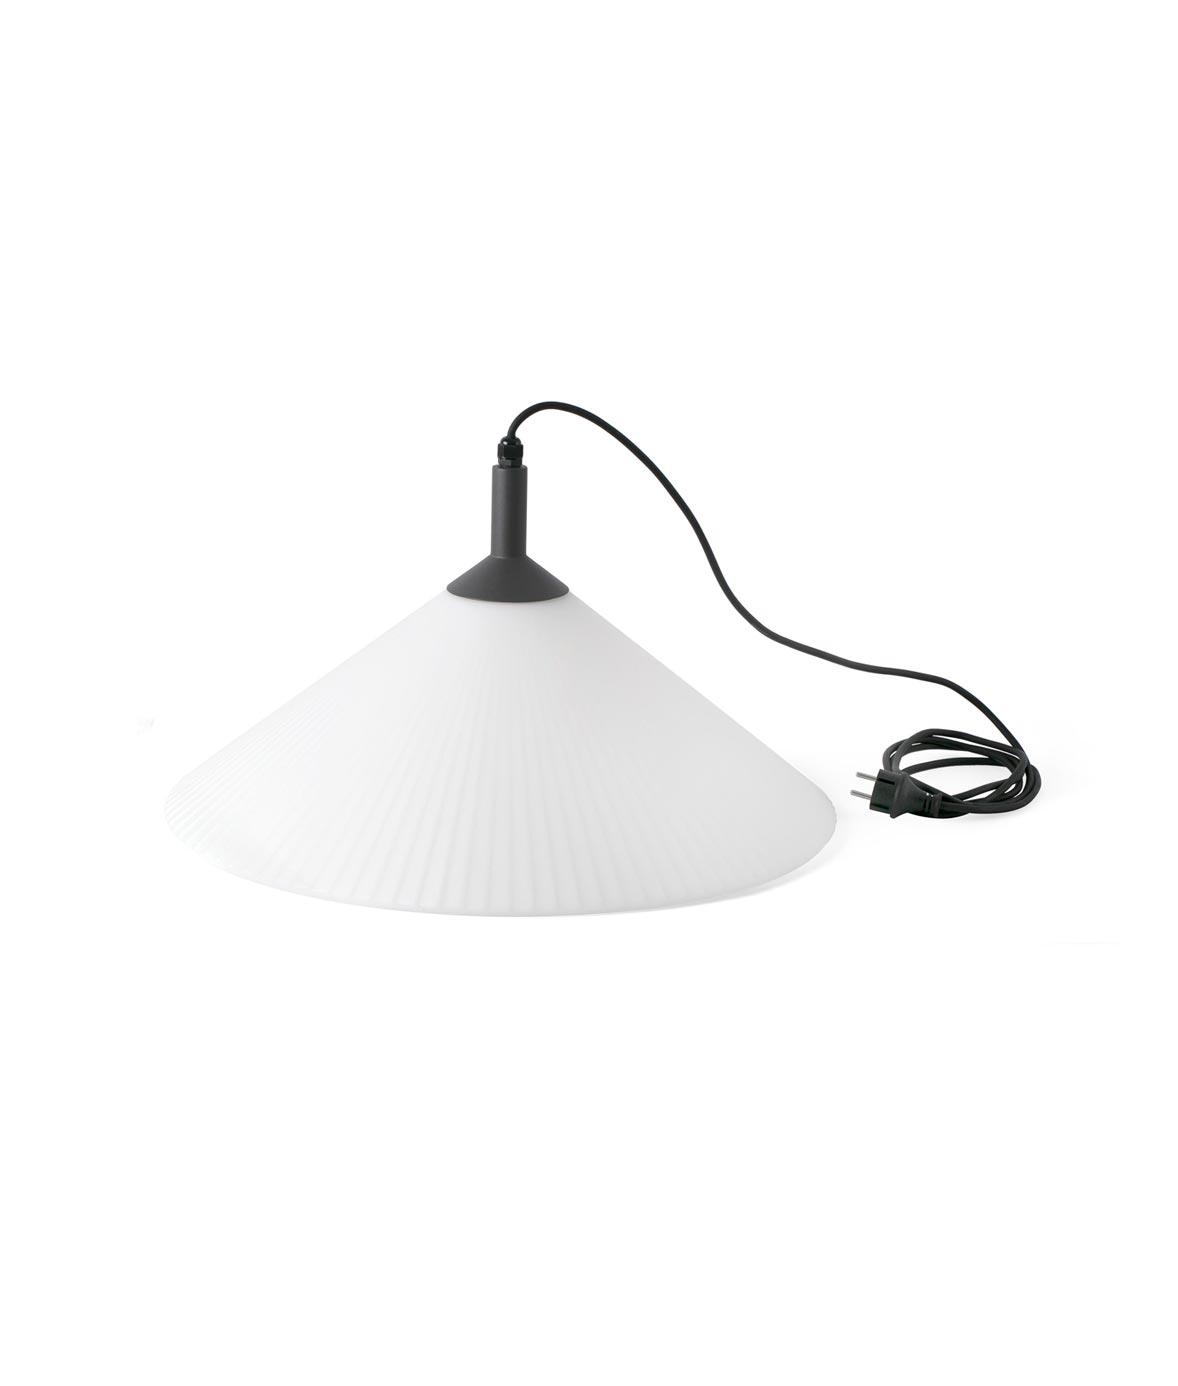 Lámpara portátil de exterior HUE